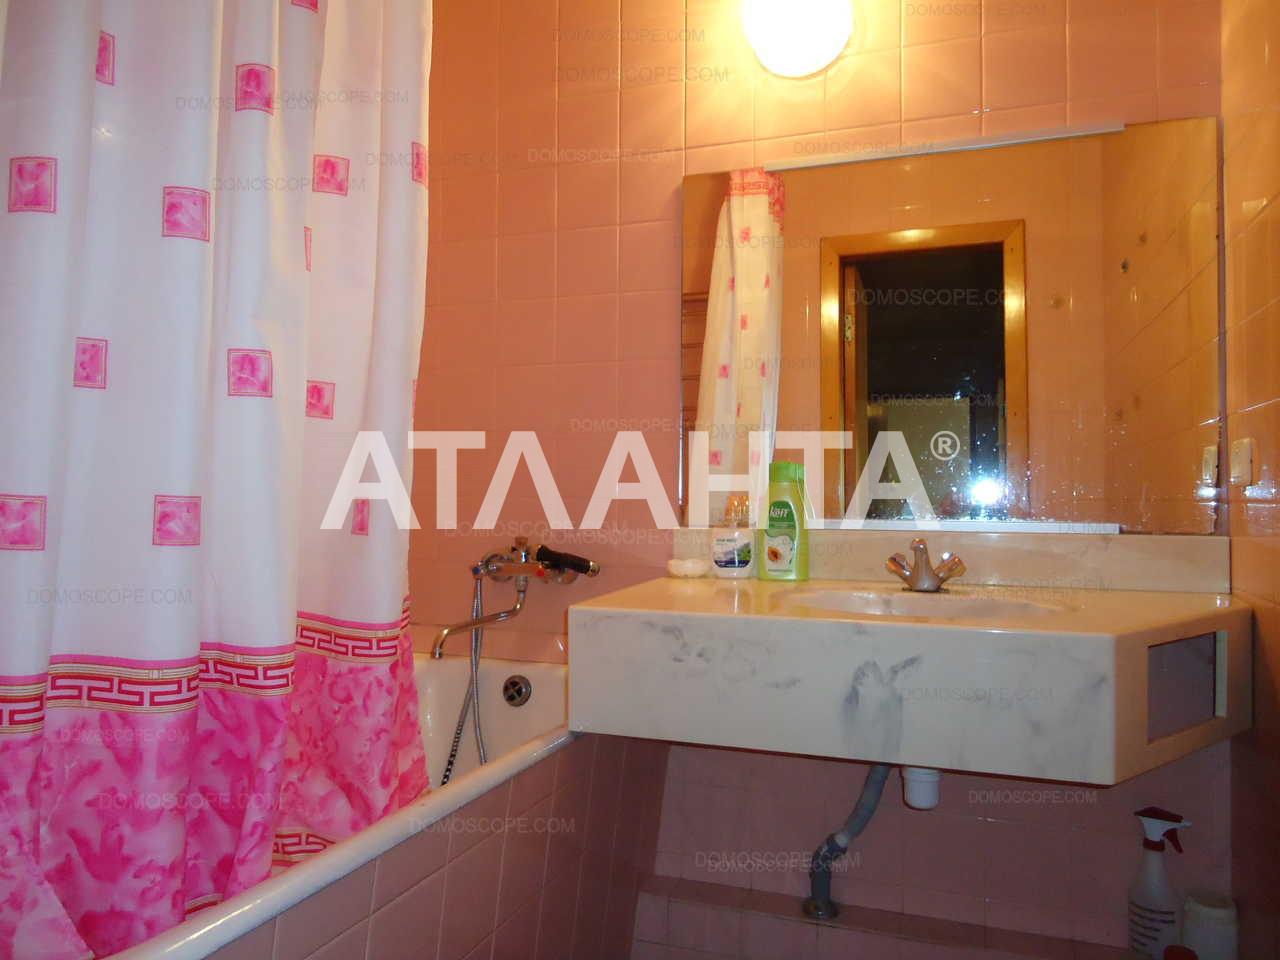 Продается 2-комнатная Квартира на ул. Николаевская Дор. (Котовская Дор.) — 40 000 у.е. (фото №6)